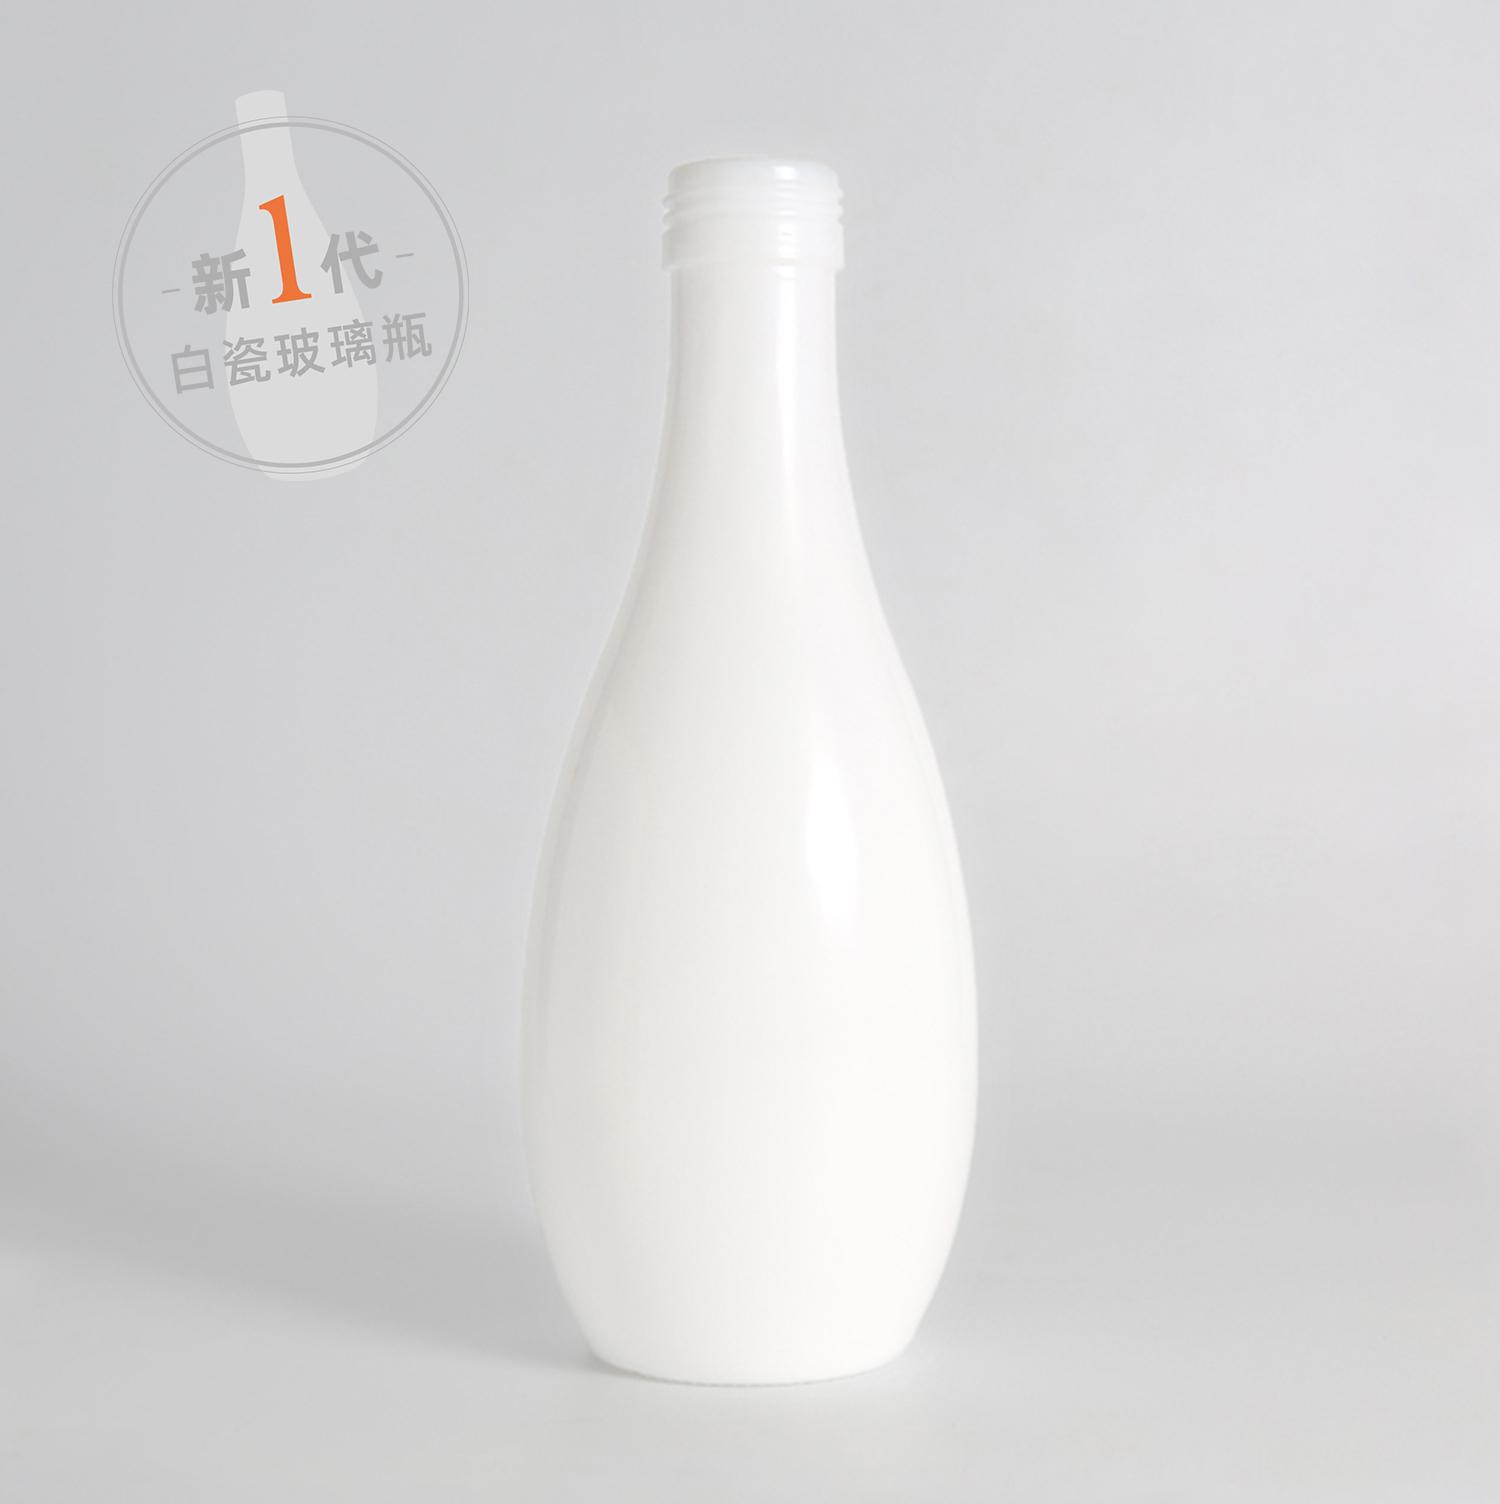 承載東方氣質的新一代白瓷玻璃瓶 — 黃酒、白酒等酒類專用包裝